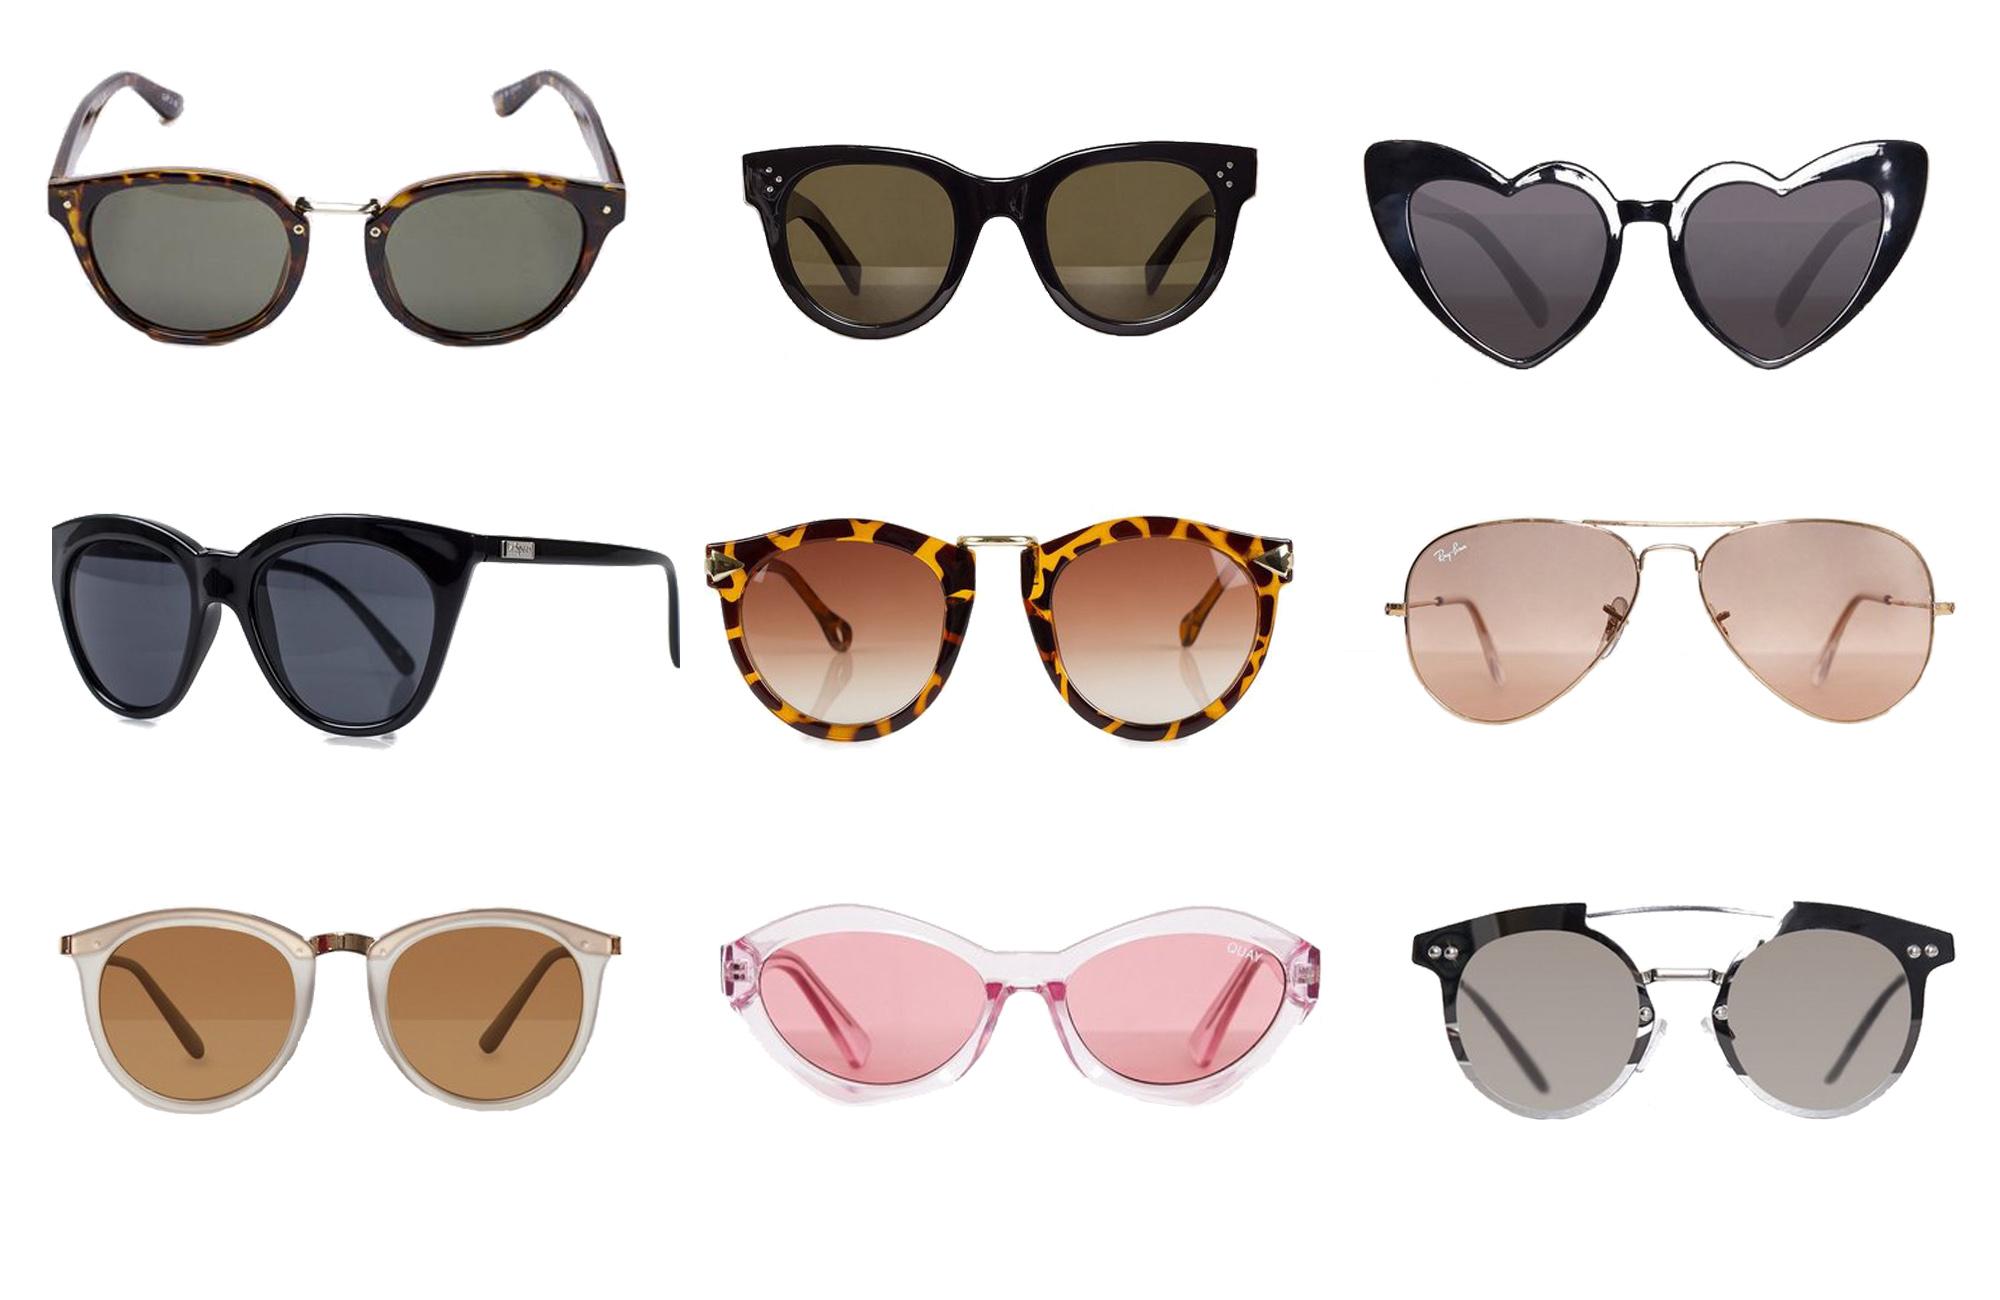 Solglasögon från Gina Tricot. Läs mer och köp här. 2. Solglasögon från  Céline. Läs mer och köp här. 3. Solglasögon från NLY Accessories. 26e215cf621fc